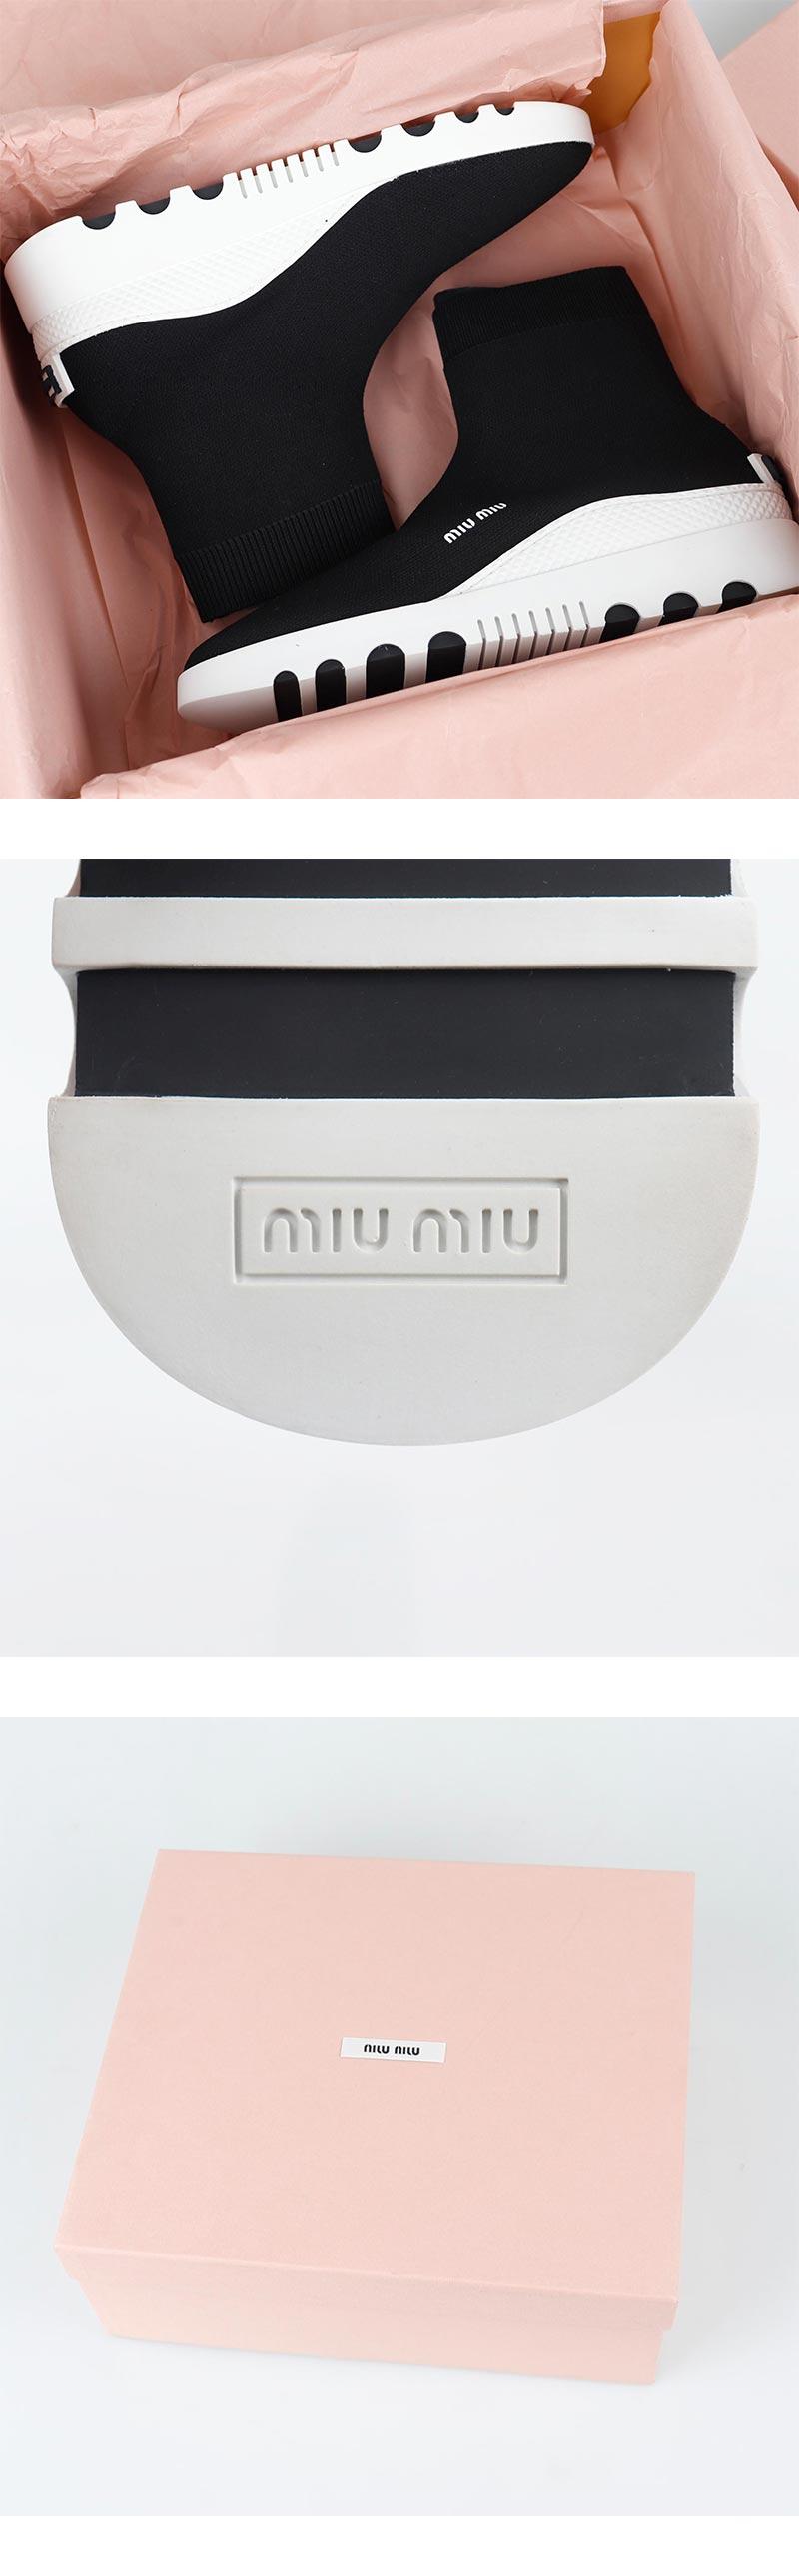 미우미우(MIU MIU) 삭스 러너 스니커  5T150C MAGLIA TECH